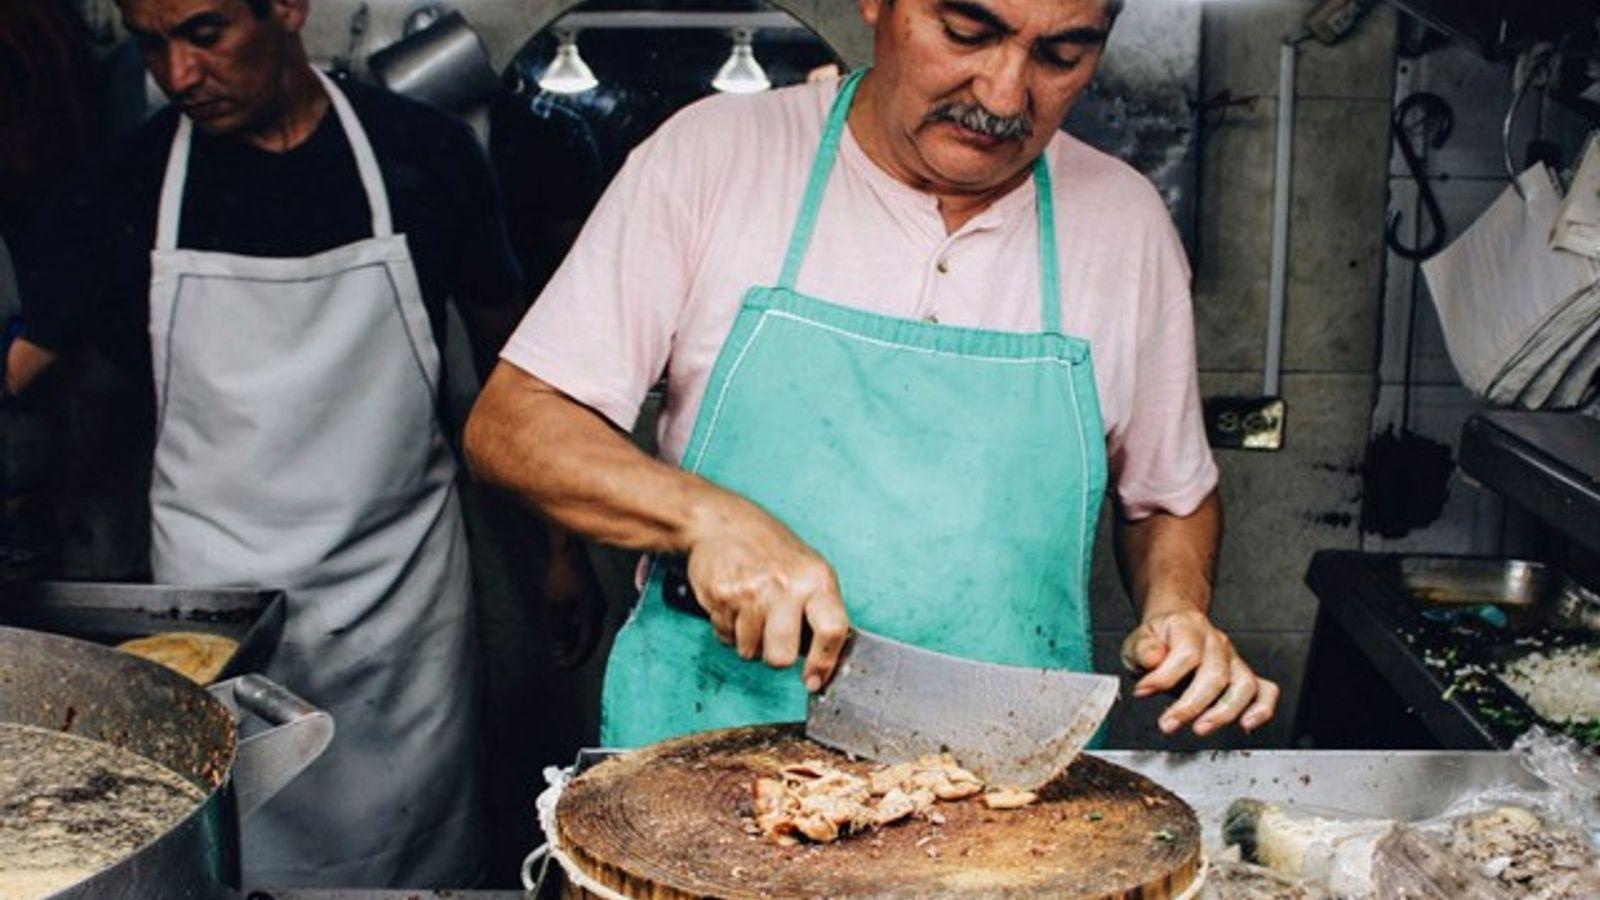 Tacos being prepared at Taquería Los Cocuyos, Mexico City